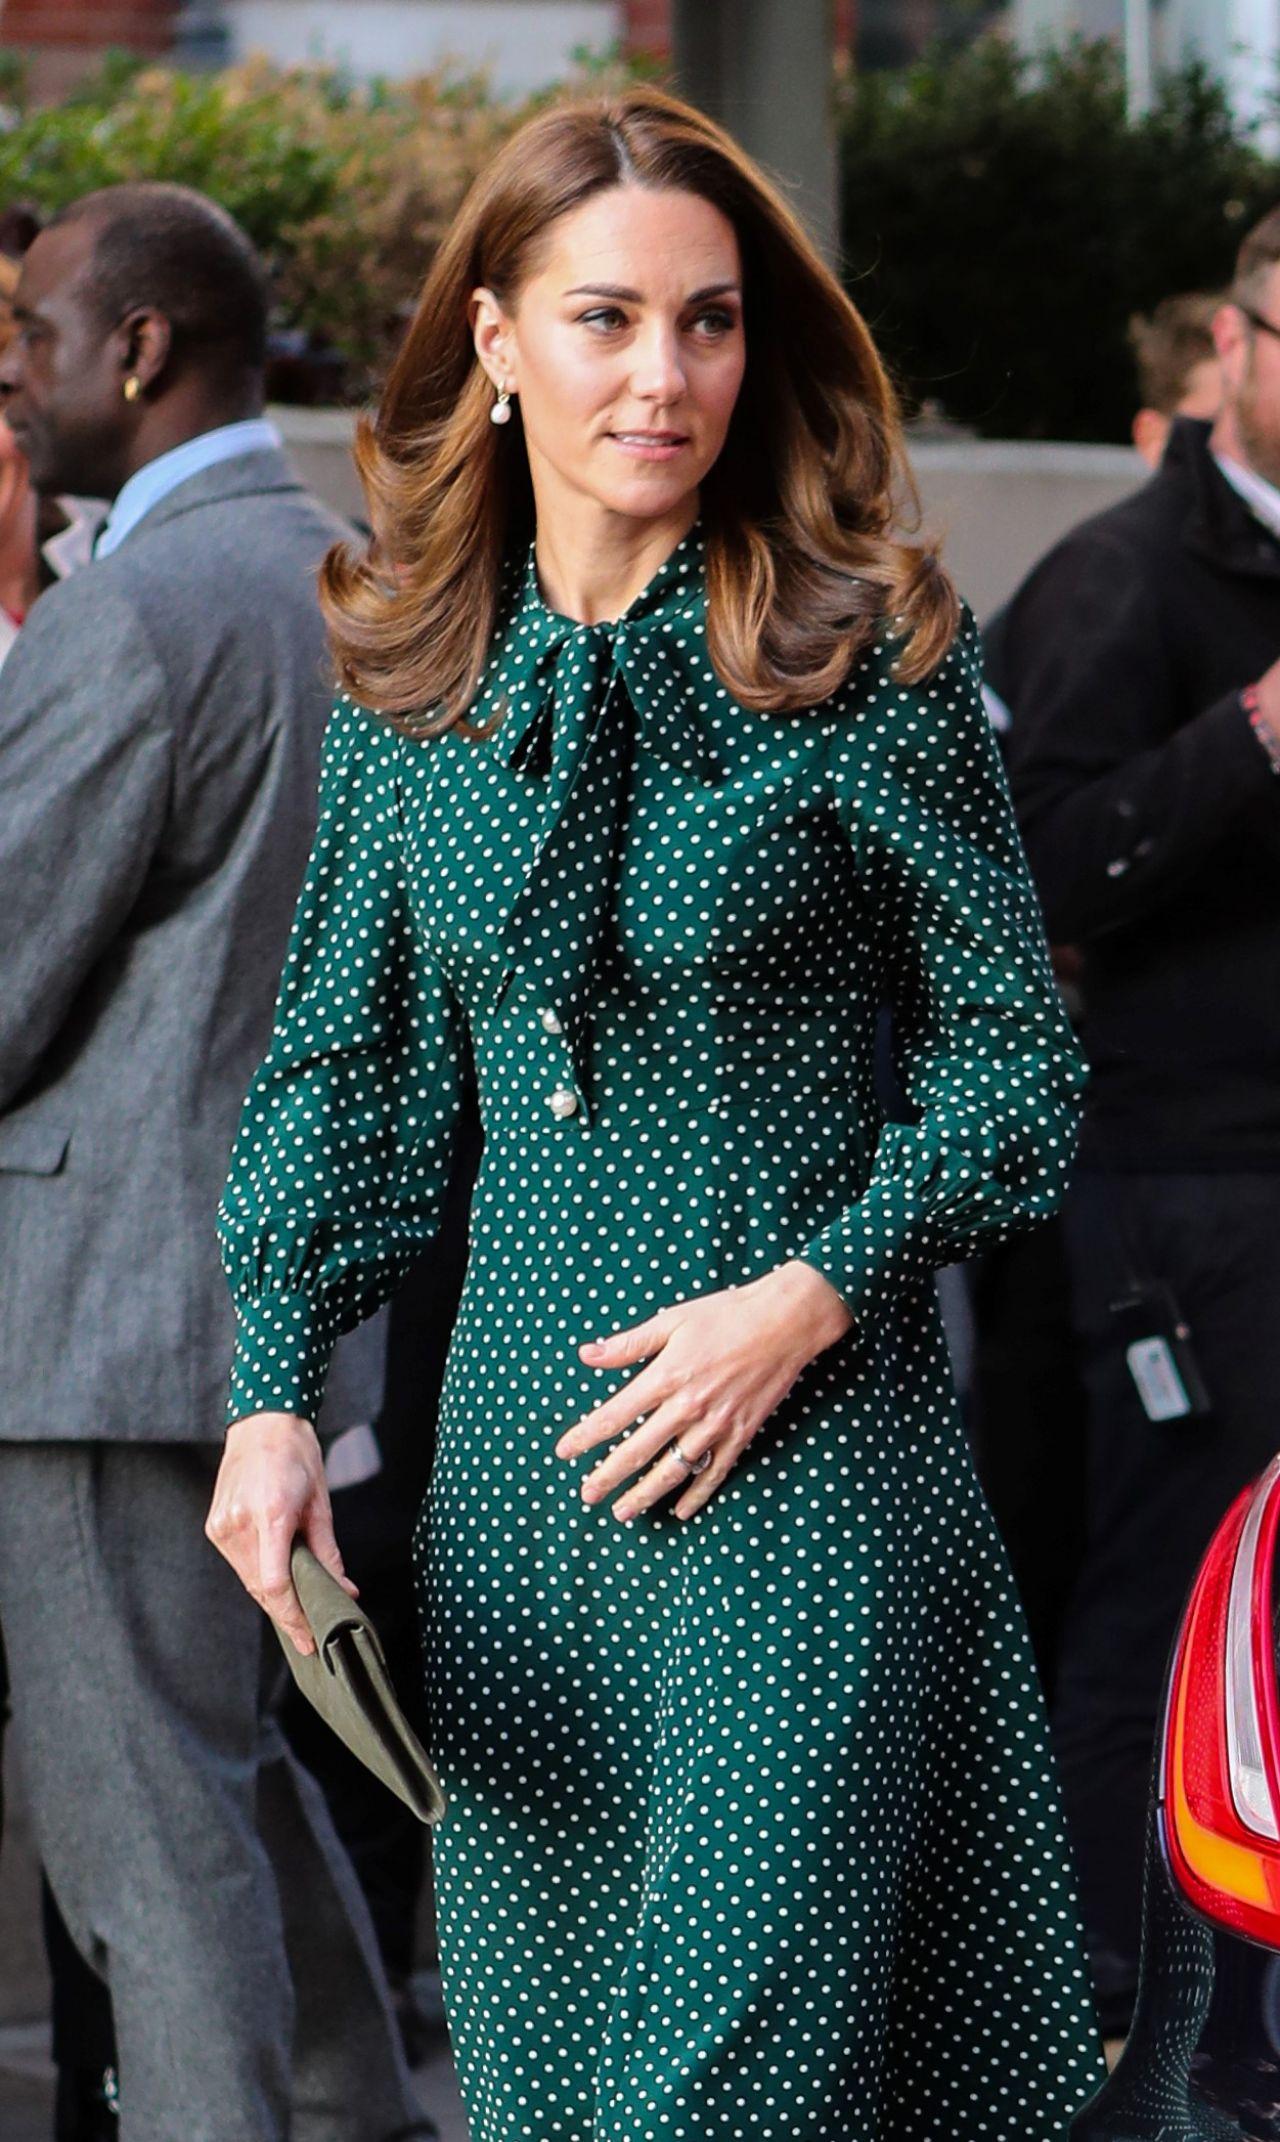 Kate Middleton Evelina London Children S Hospital In